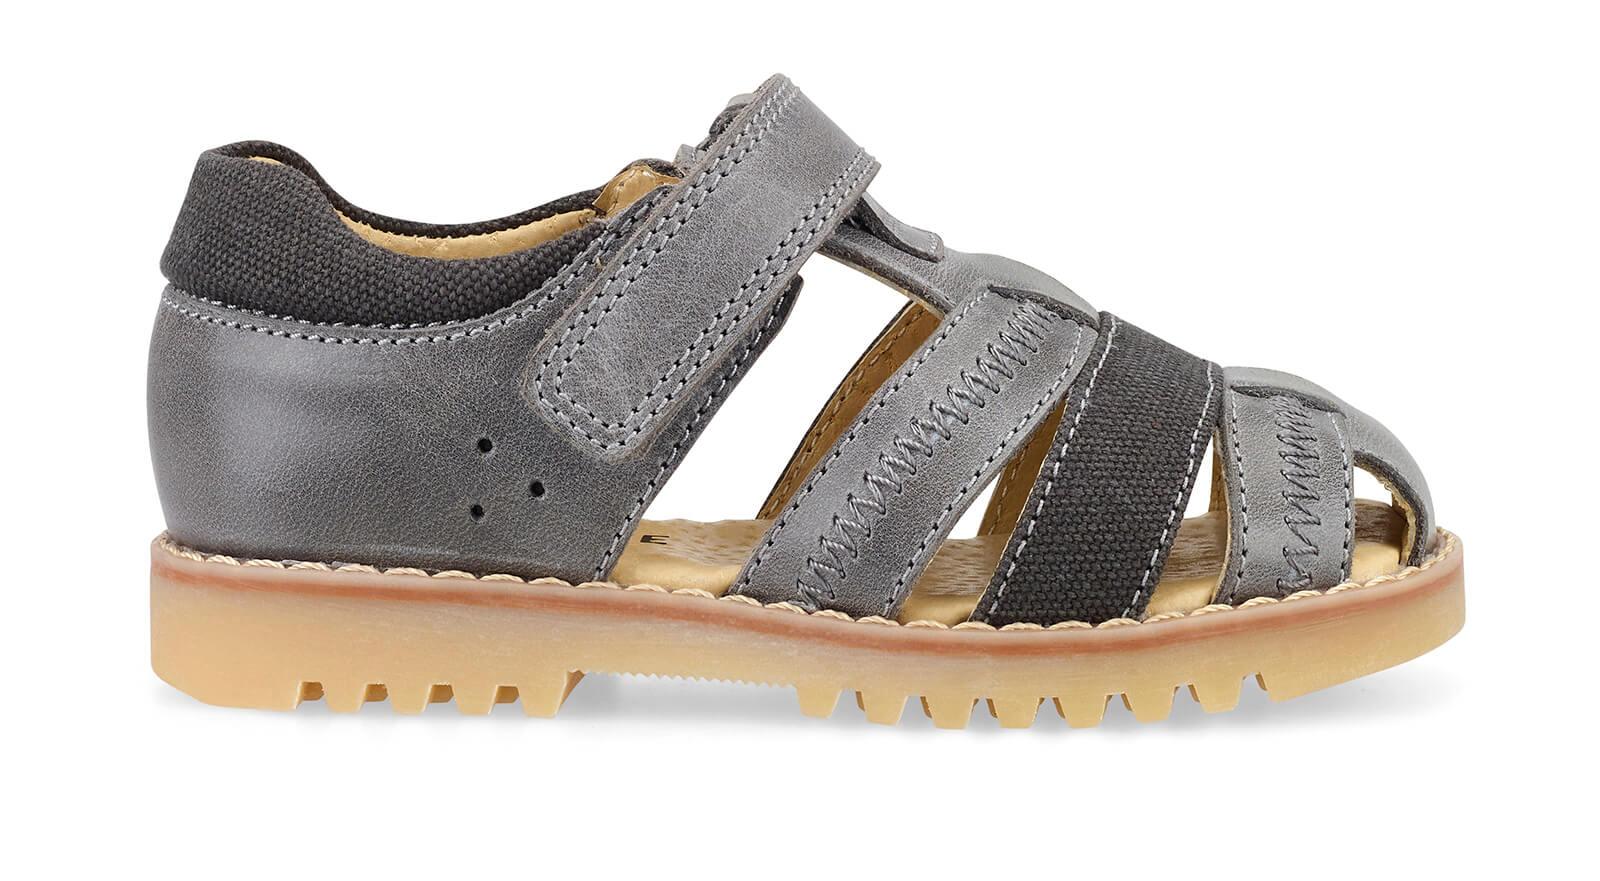 Park grey sandals